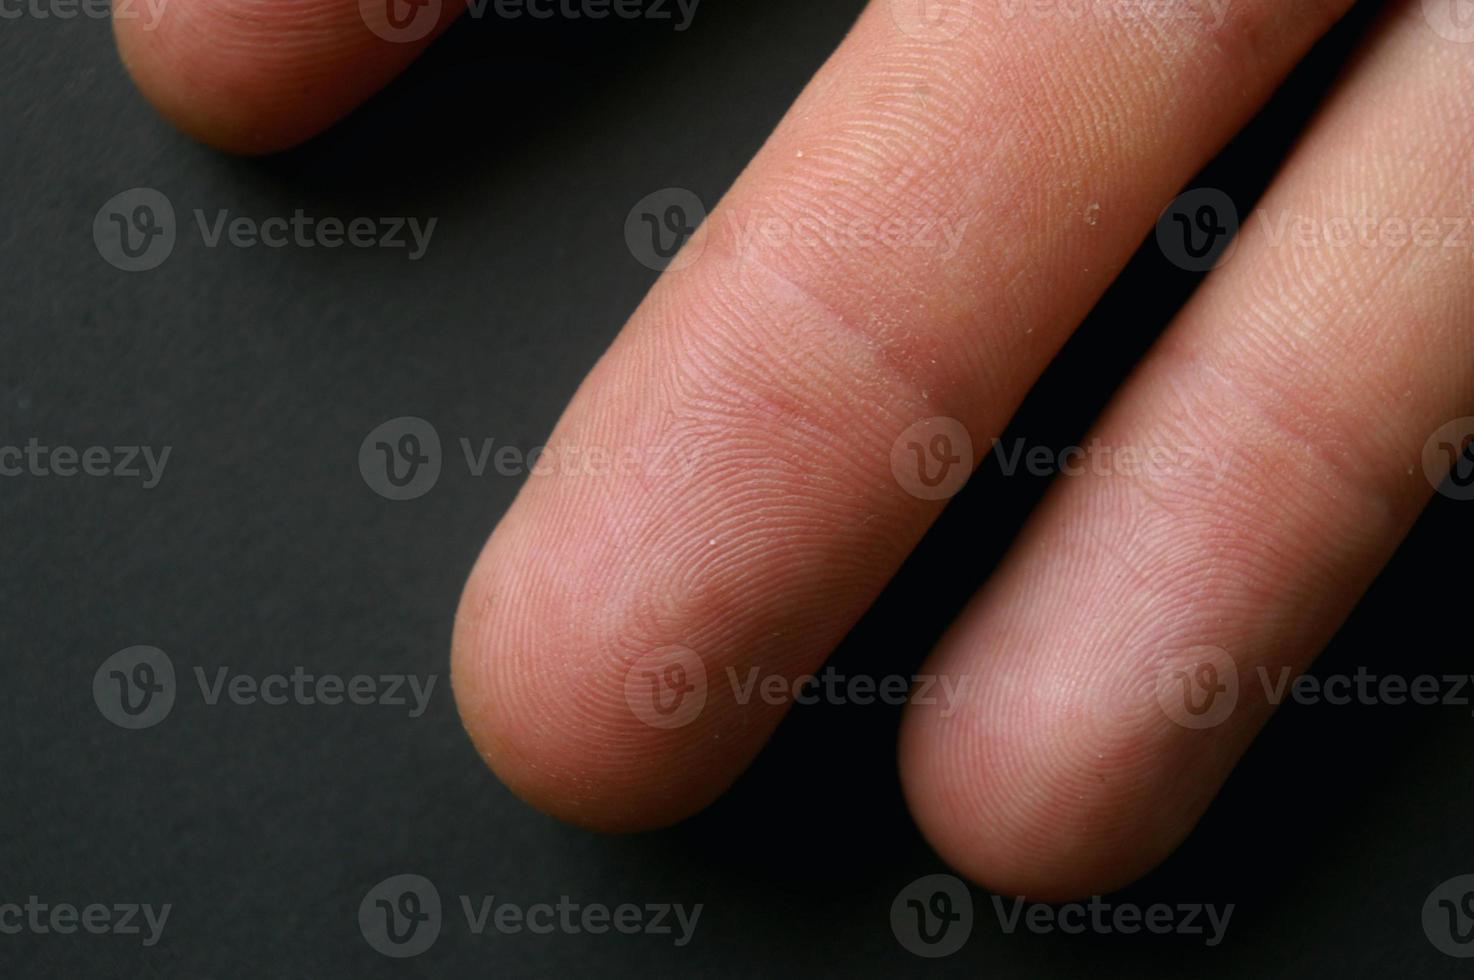 gros plan des doigts montrant des empreintes digitales photo